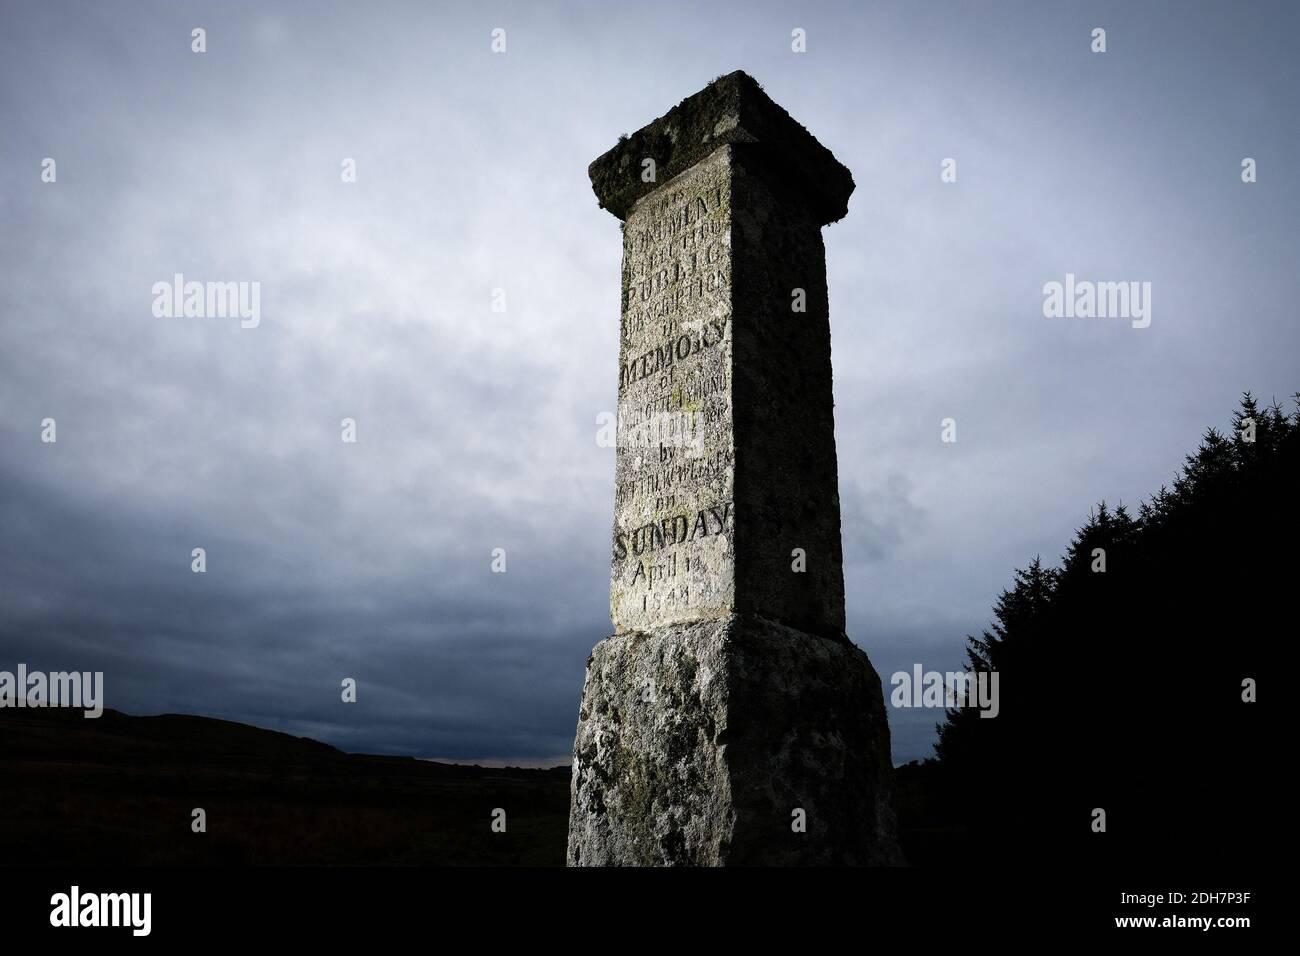 Un monument en dessous de la showery Tor et Rough Tor sur Bodmin Moor, dit pour marquer l'endroit où Charlotte Dymond a été assassinée en 1844.jeudi 12 novembre 2020. Banque D'Images